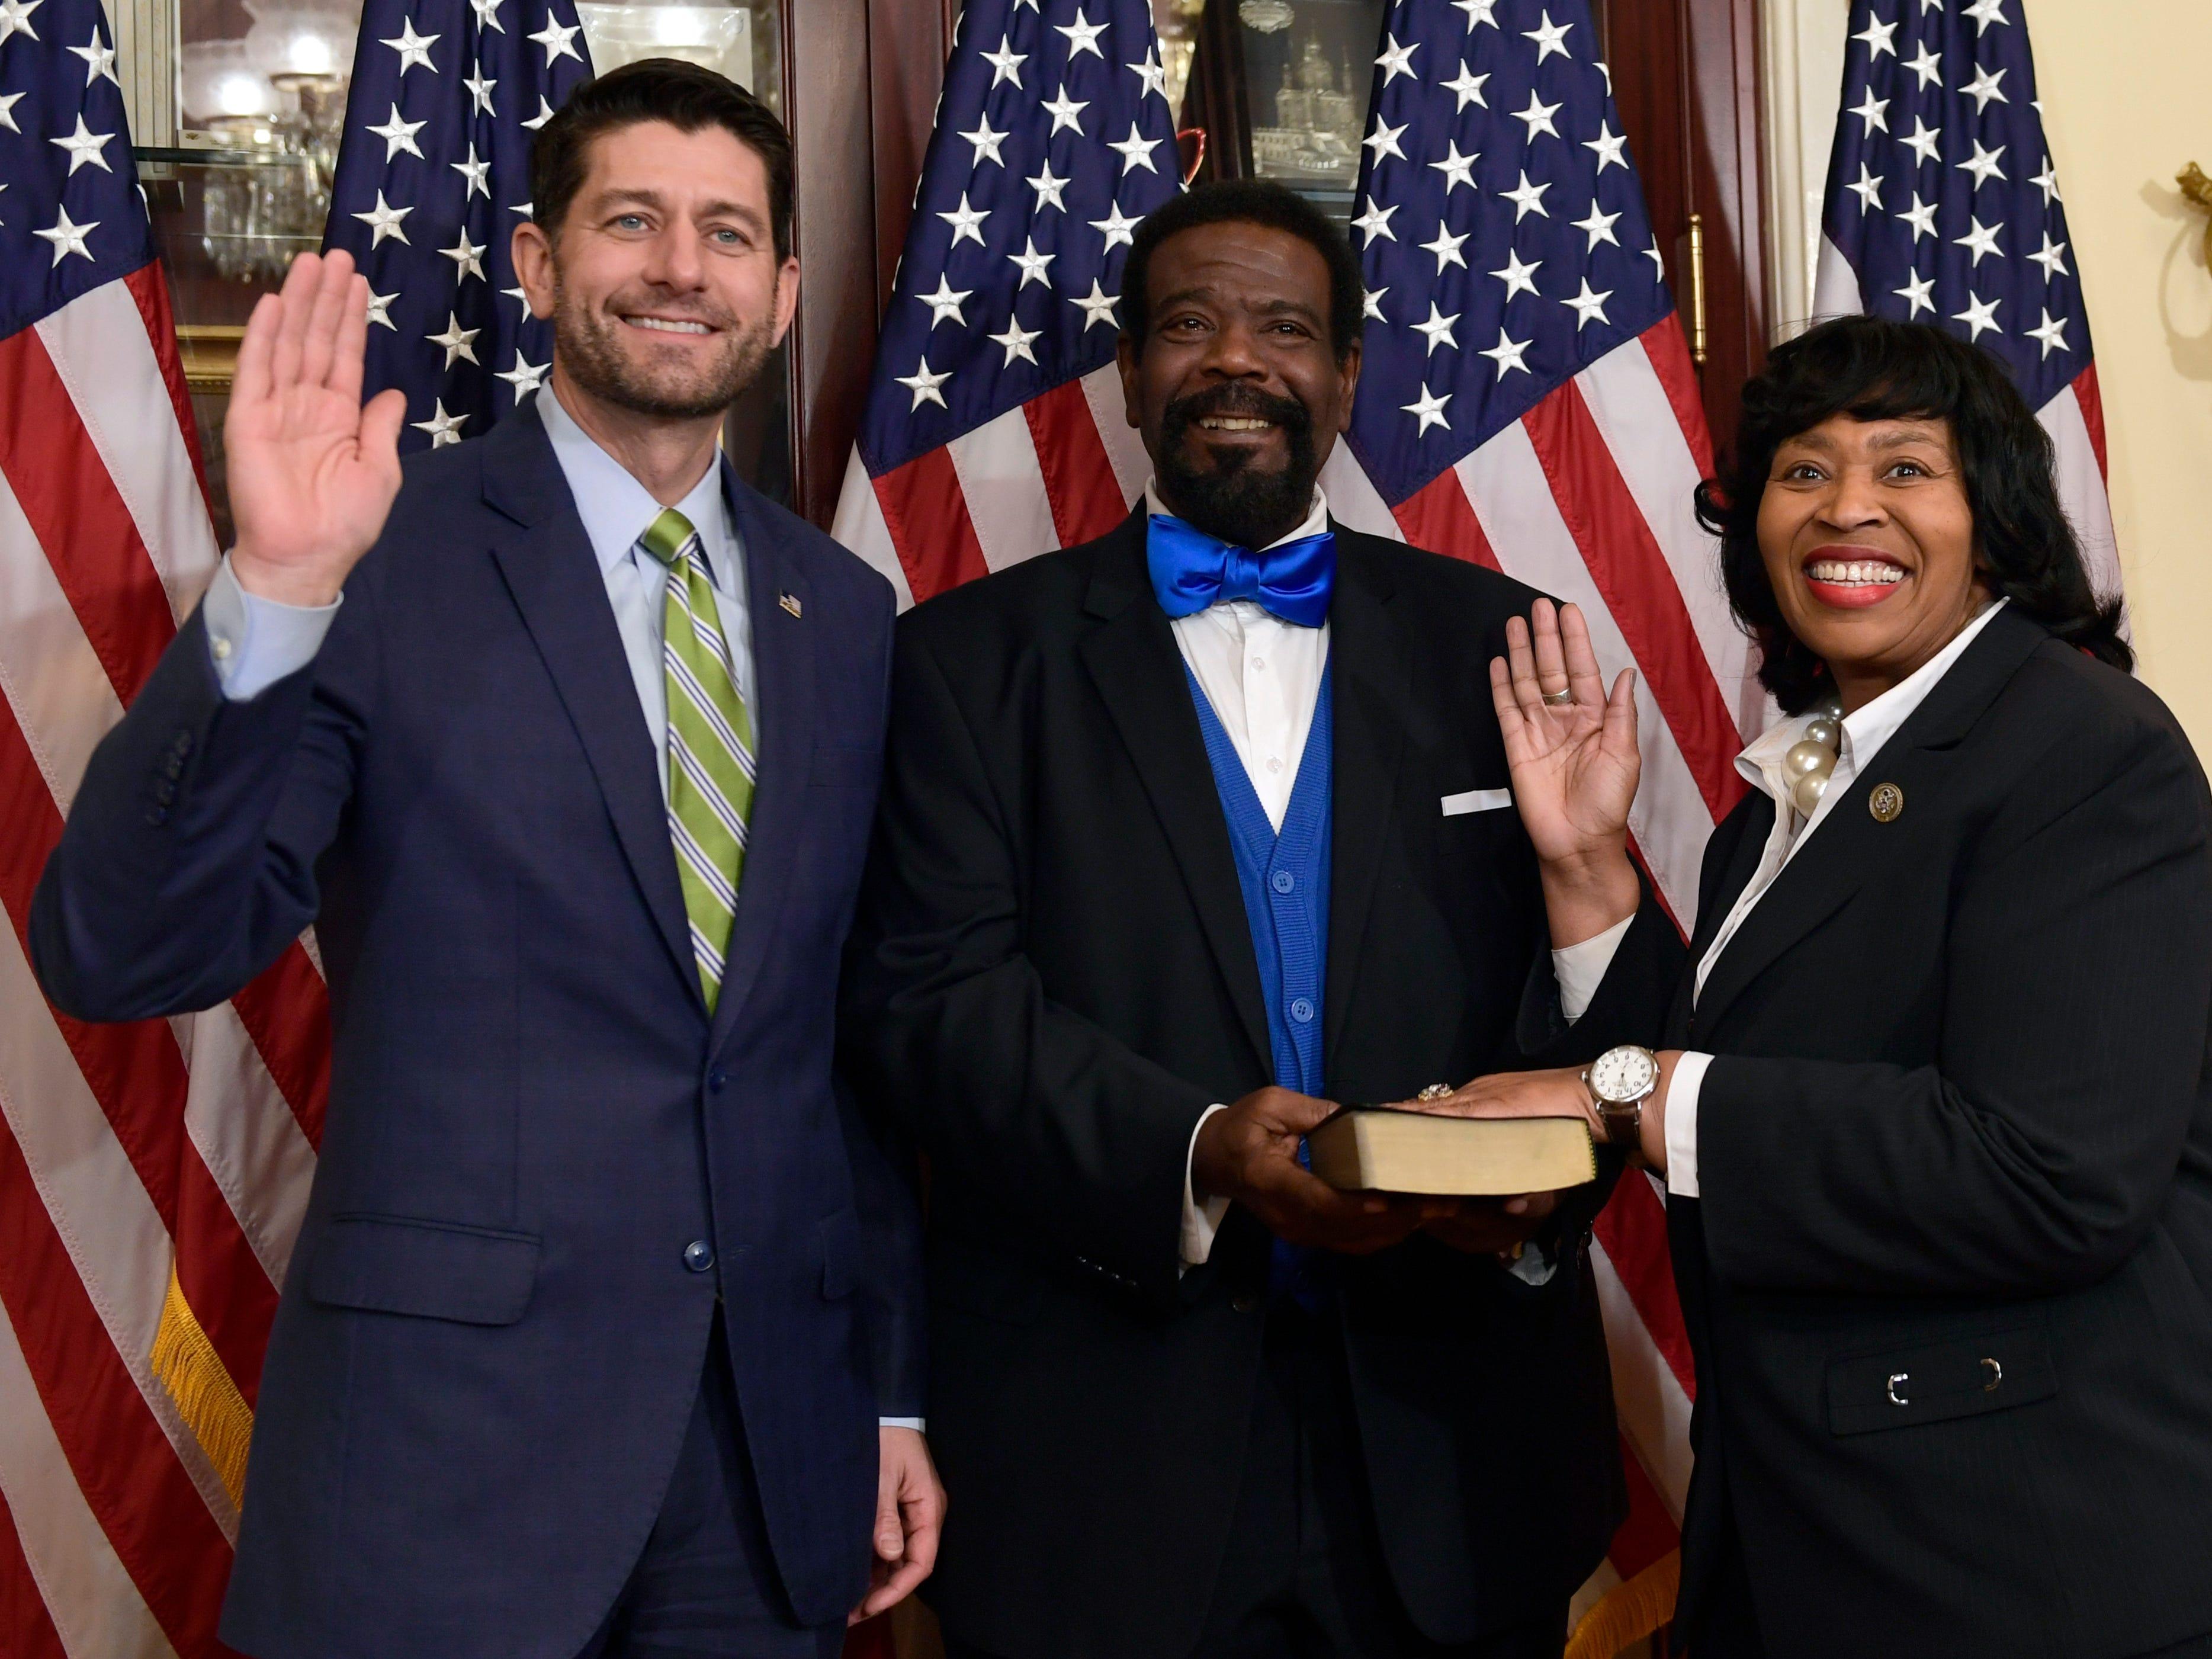 Brenda Jones sworn into Congress, Conyers' seat finally filled